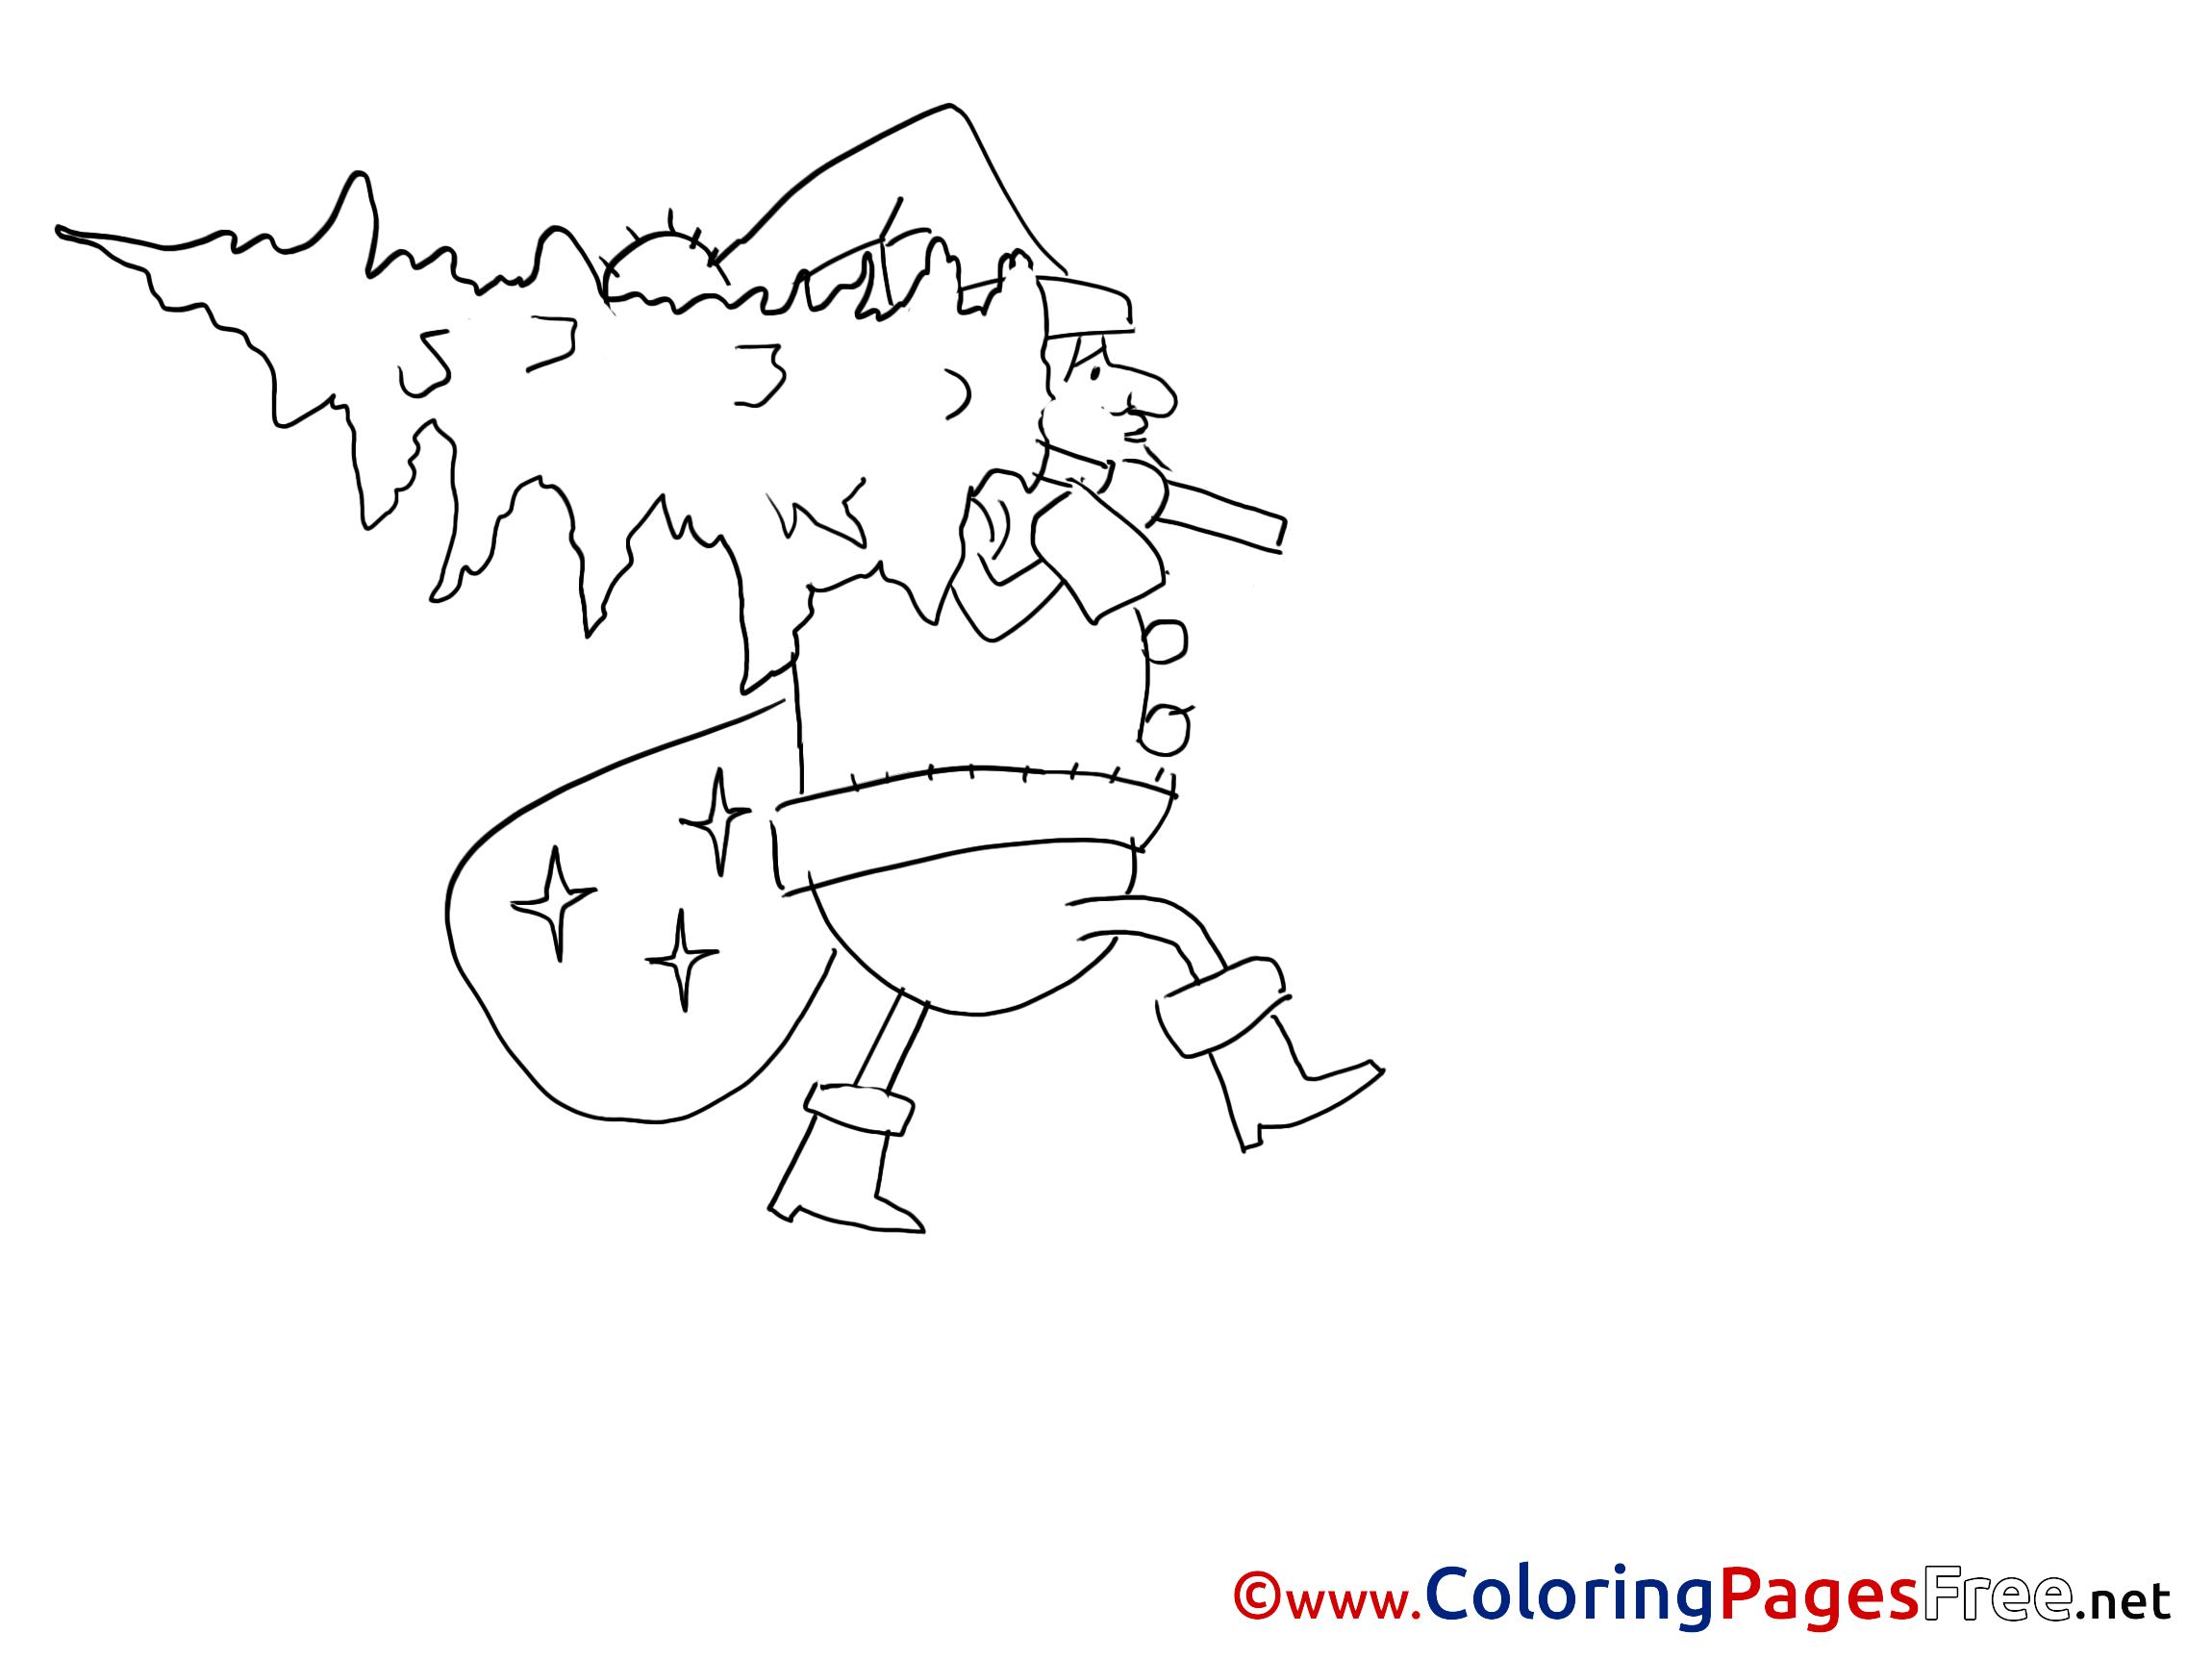 Treeman coloring #3, Download drawings